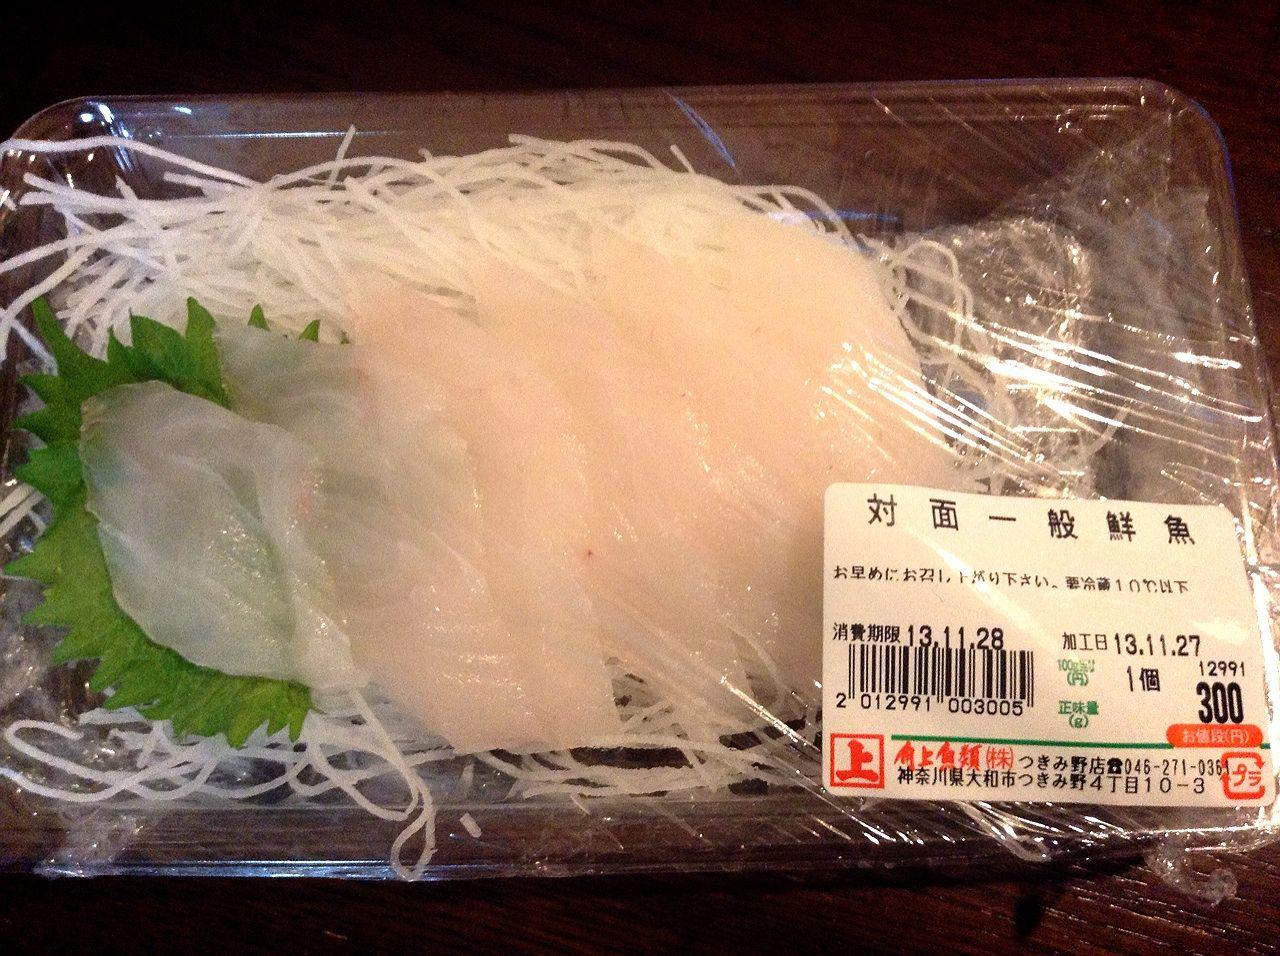 上 つきみ野 角 店 魚類